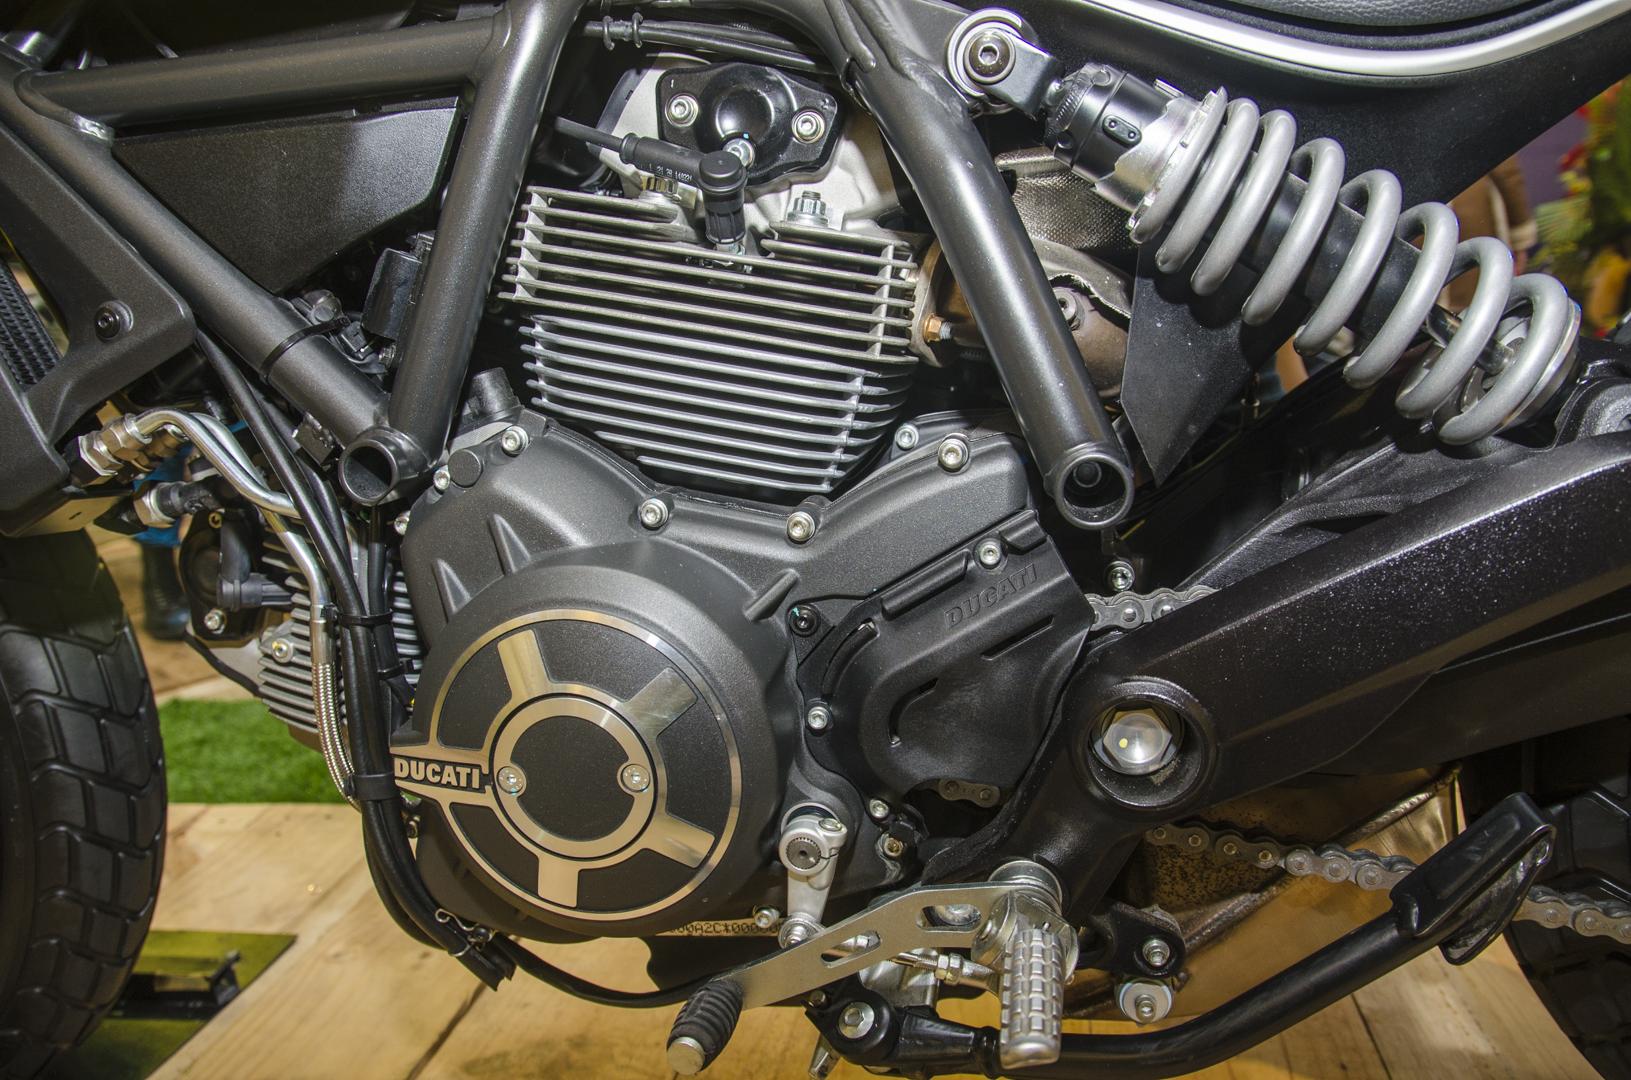 Ducati Scrambler ra mắt, giá từ 303 triệu đồng 6